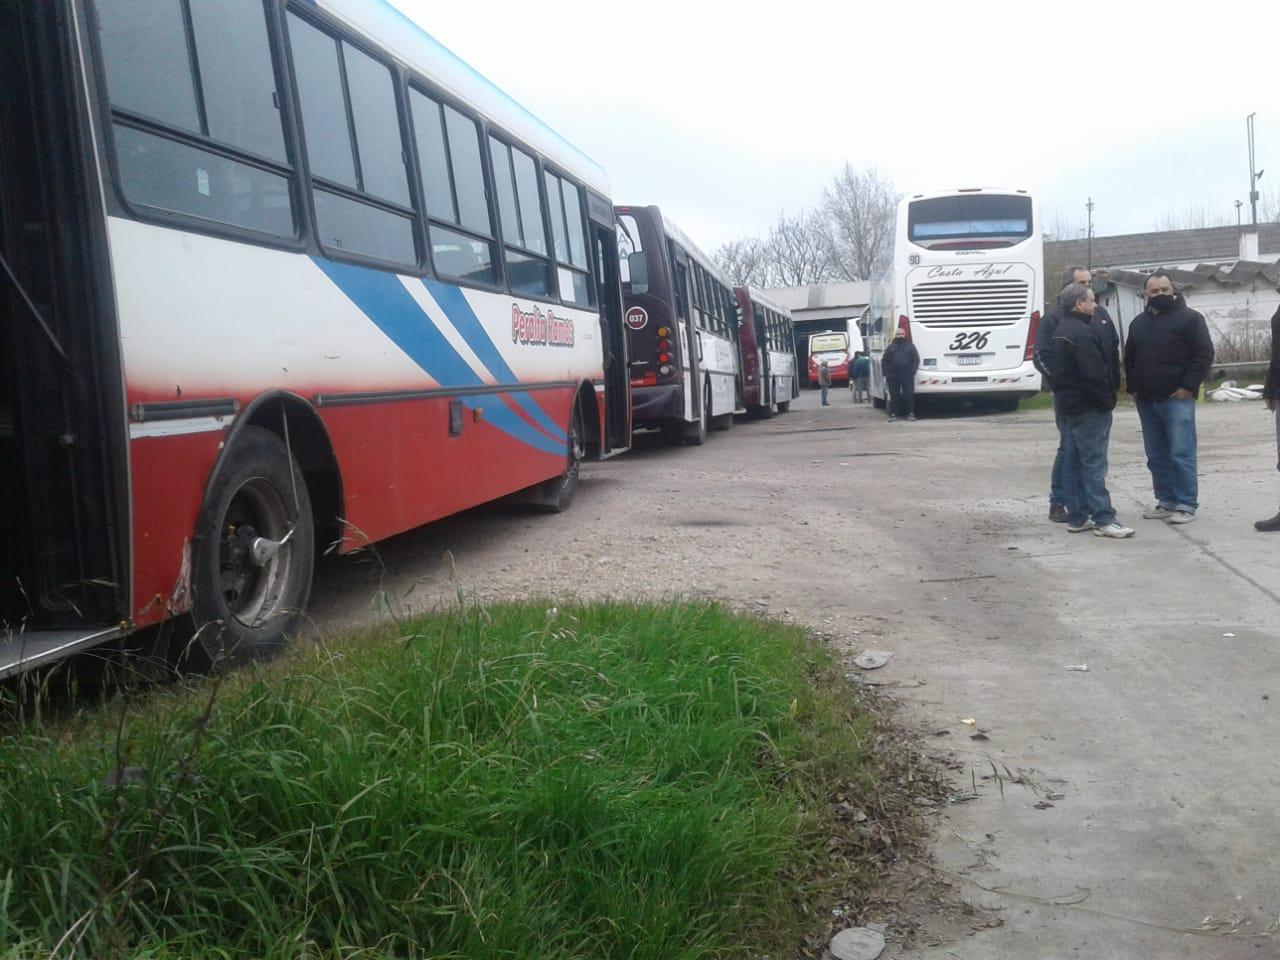 Crisis del transporte: el municipio repudió actos de violencia y aguarda fallo judicial